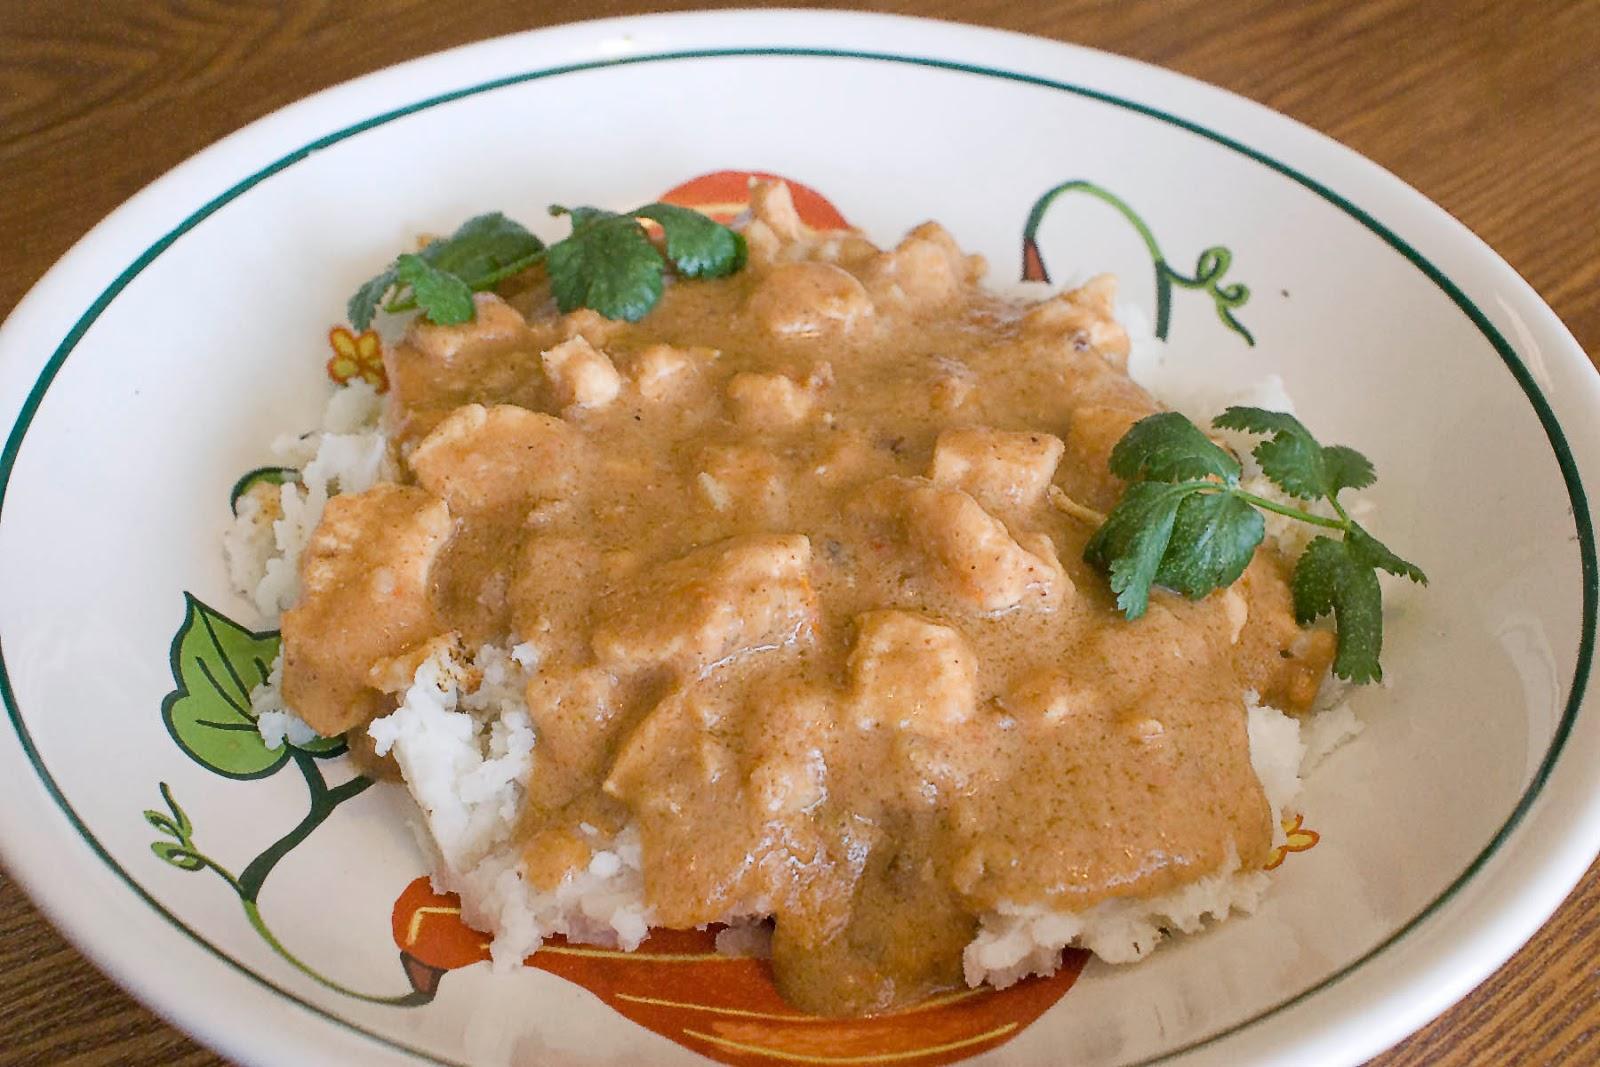 Chicken Peanut Soup (Ghanian Nkate Nkwan, Nkatenkwan, Nkate Nkwanin)